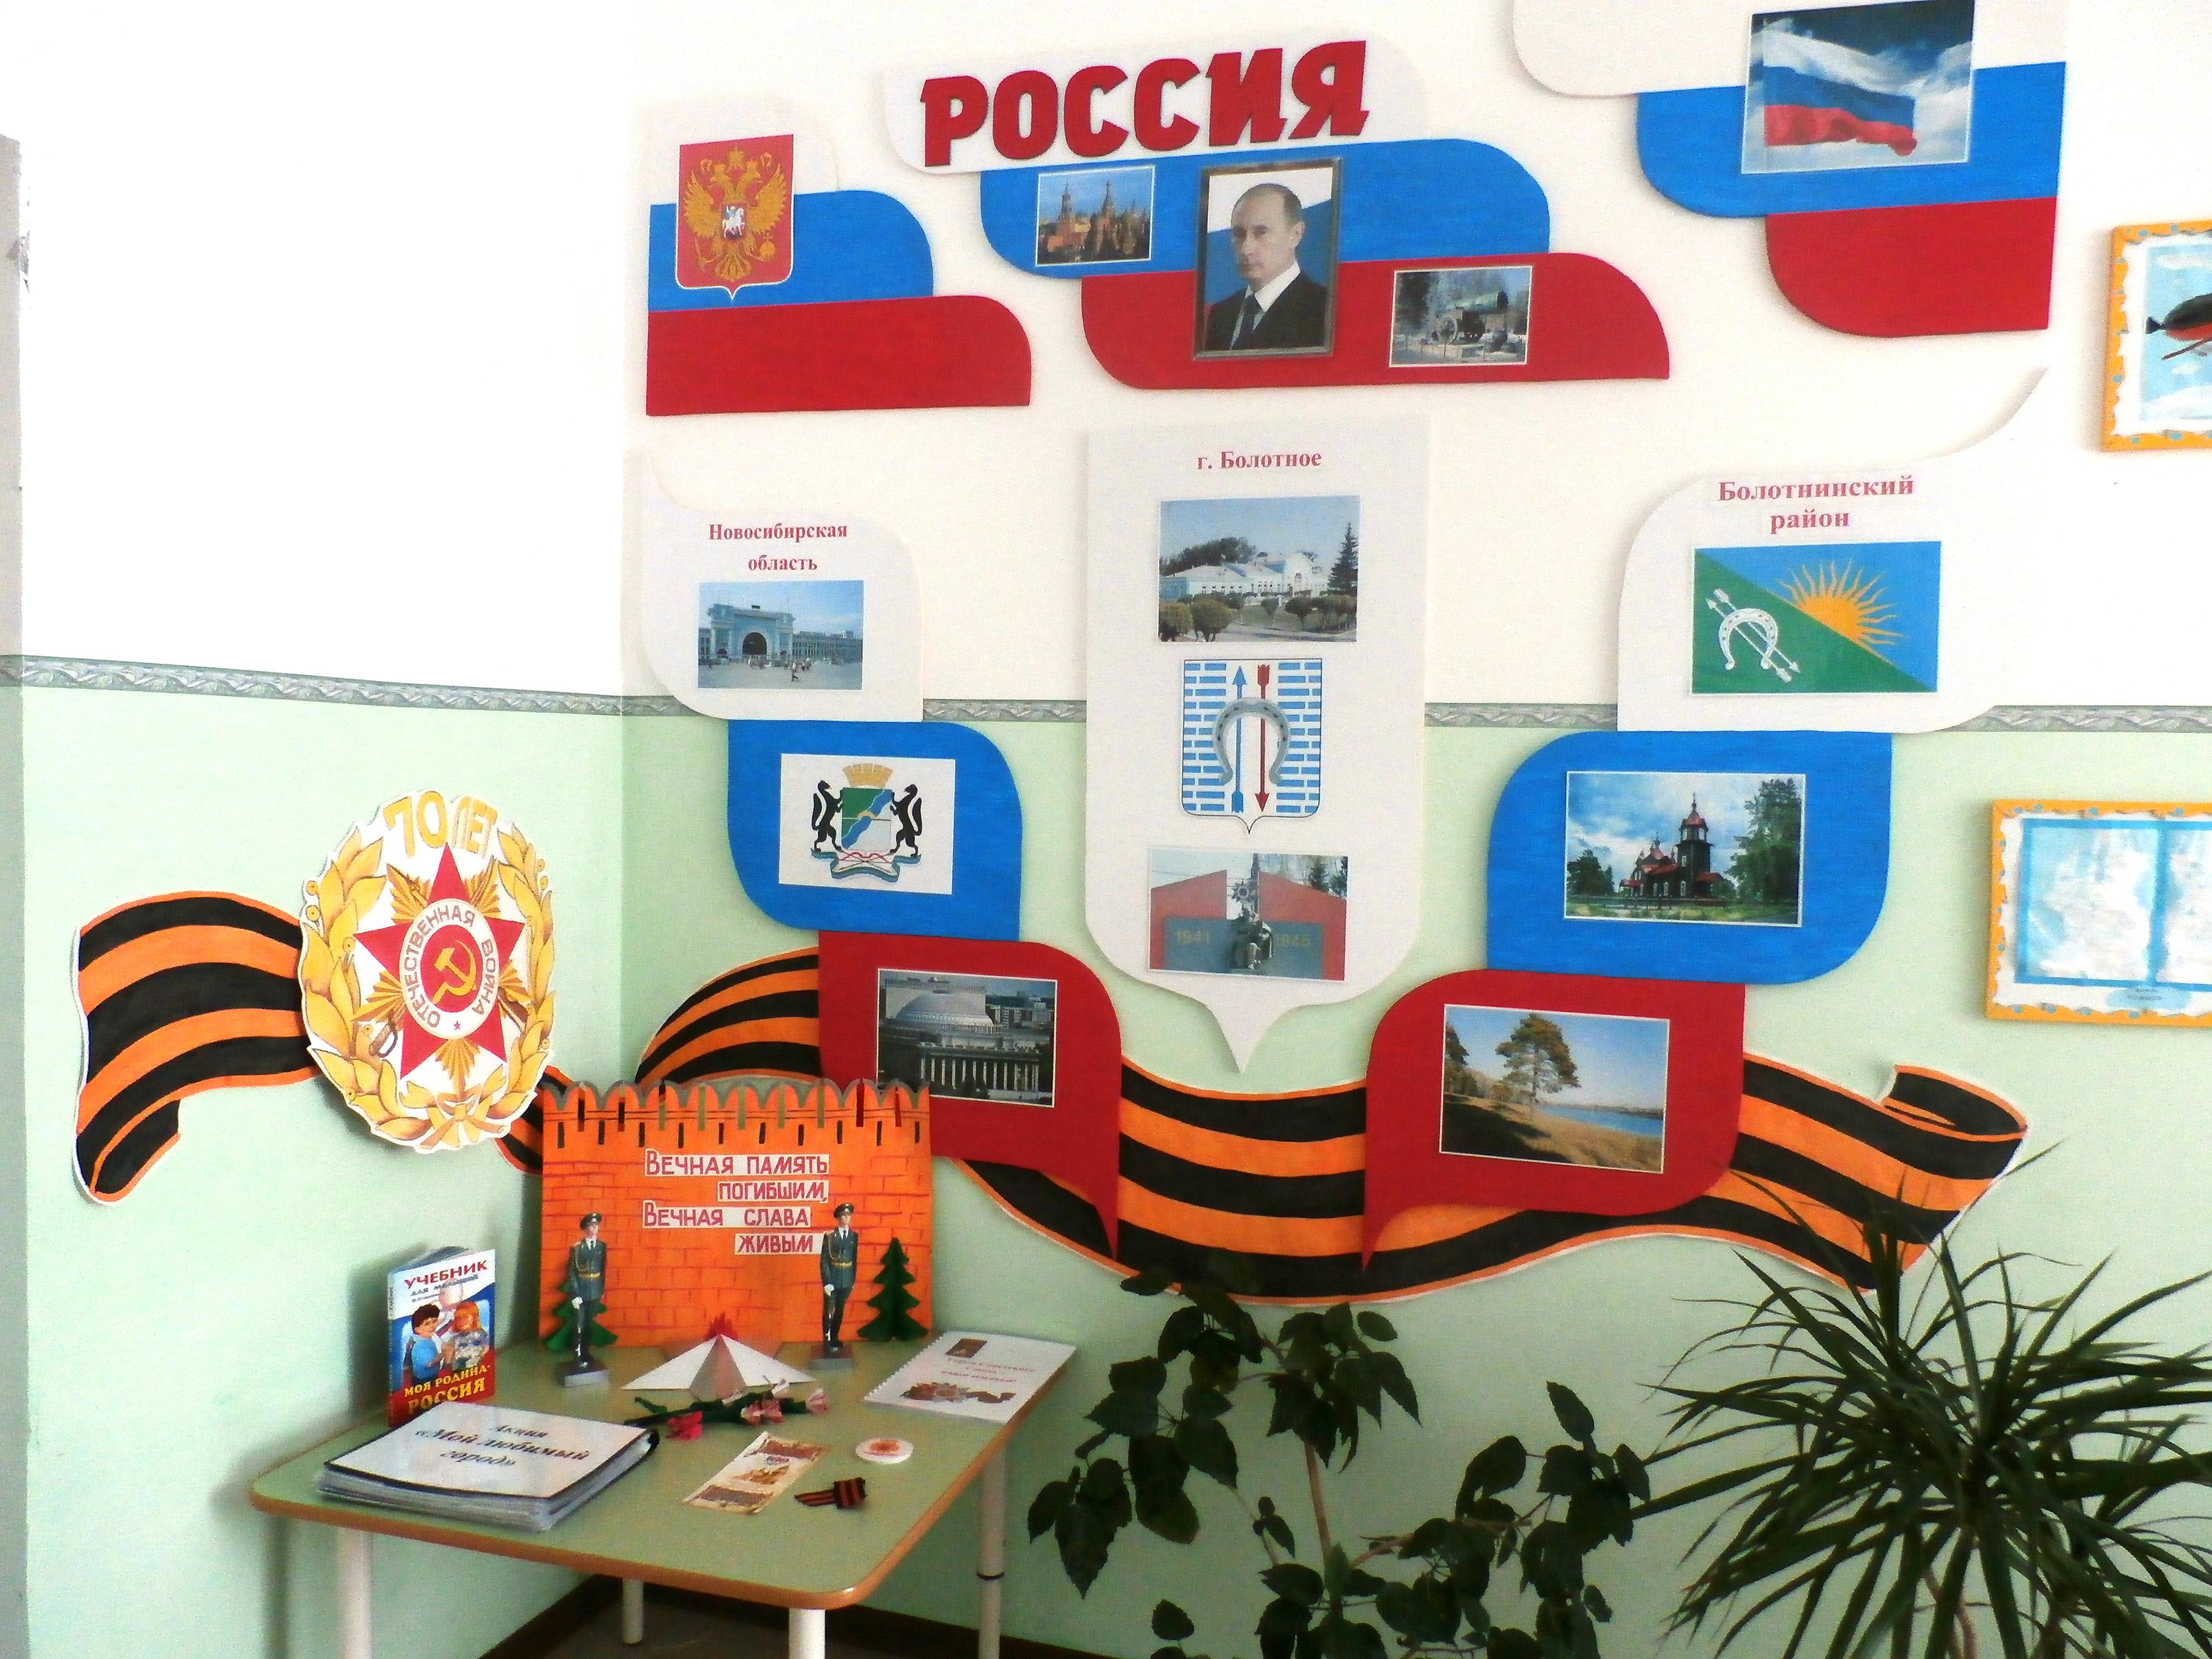 Оформление уголка россии в доу своими руками 35